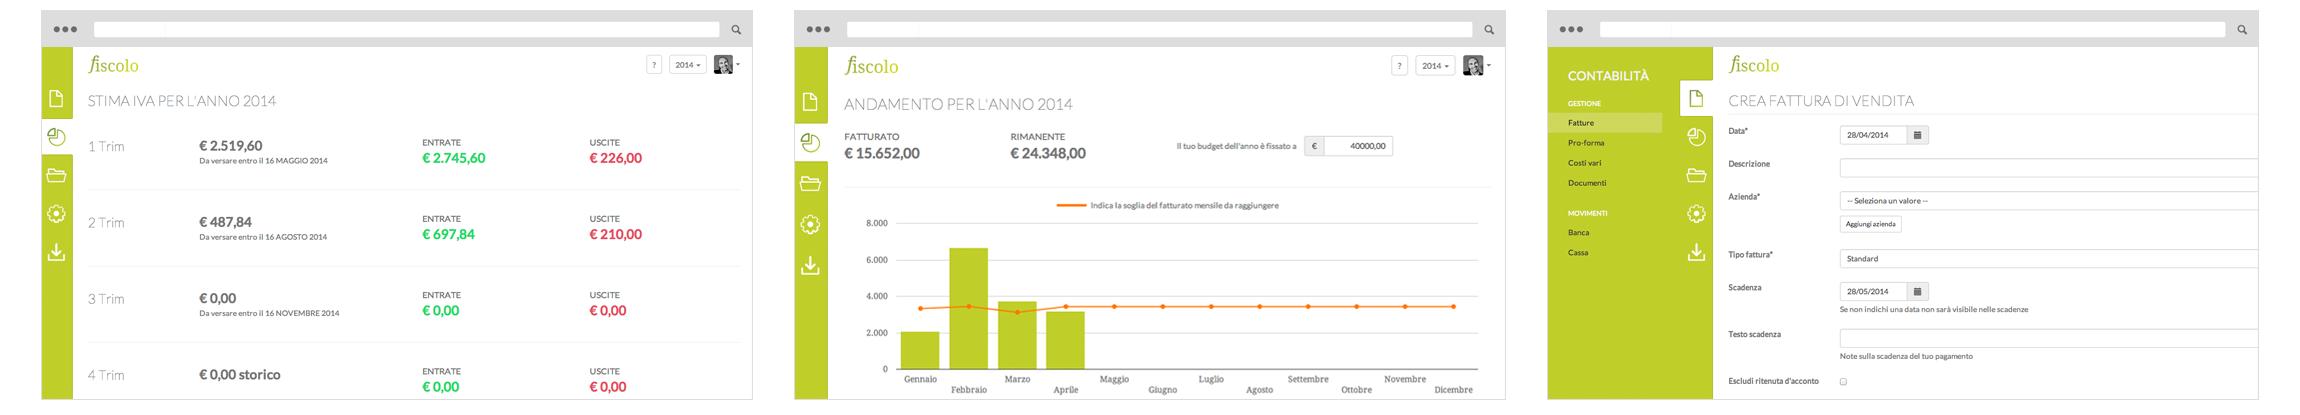 Gestione online di fatture contabilit e progetti le for Disegna i progetti online gratuitamente